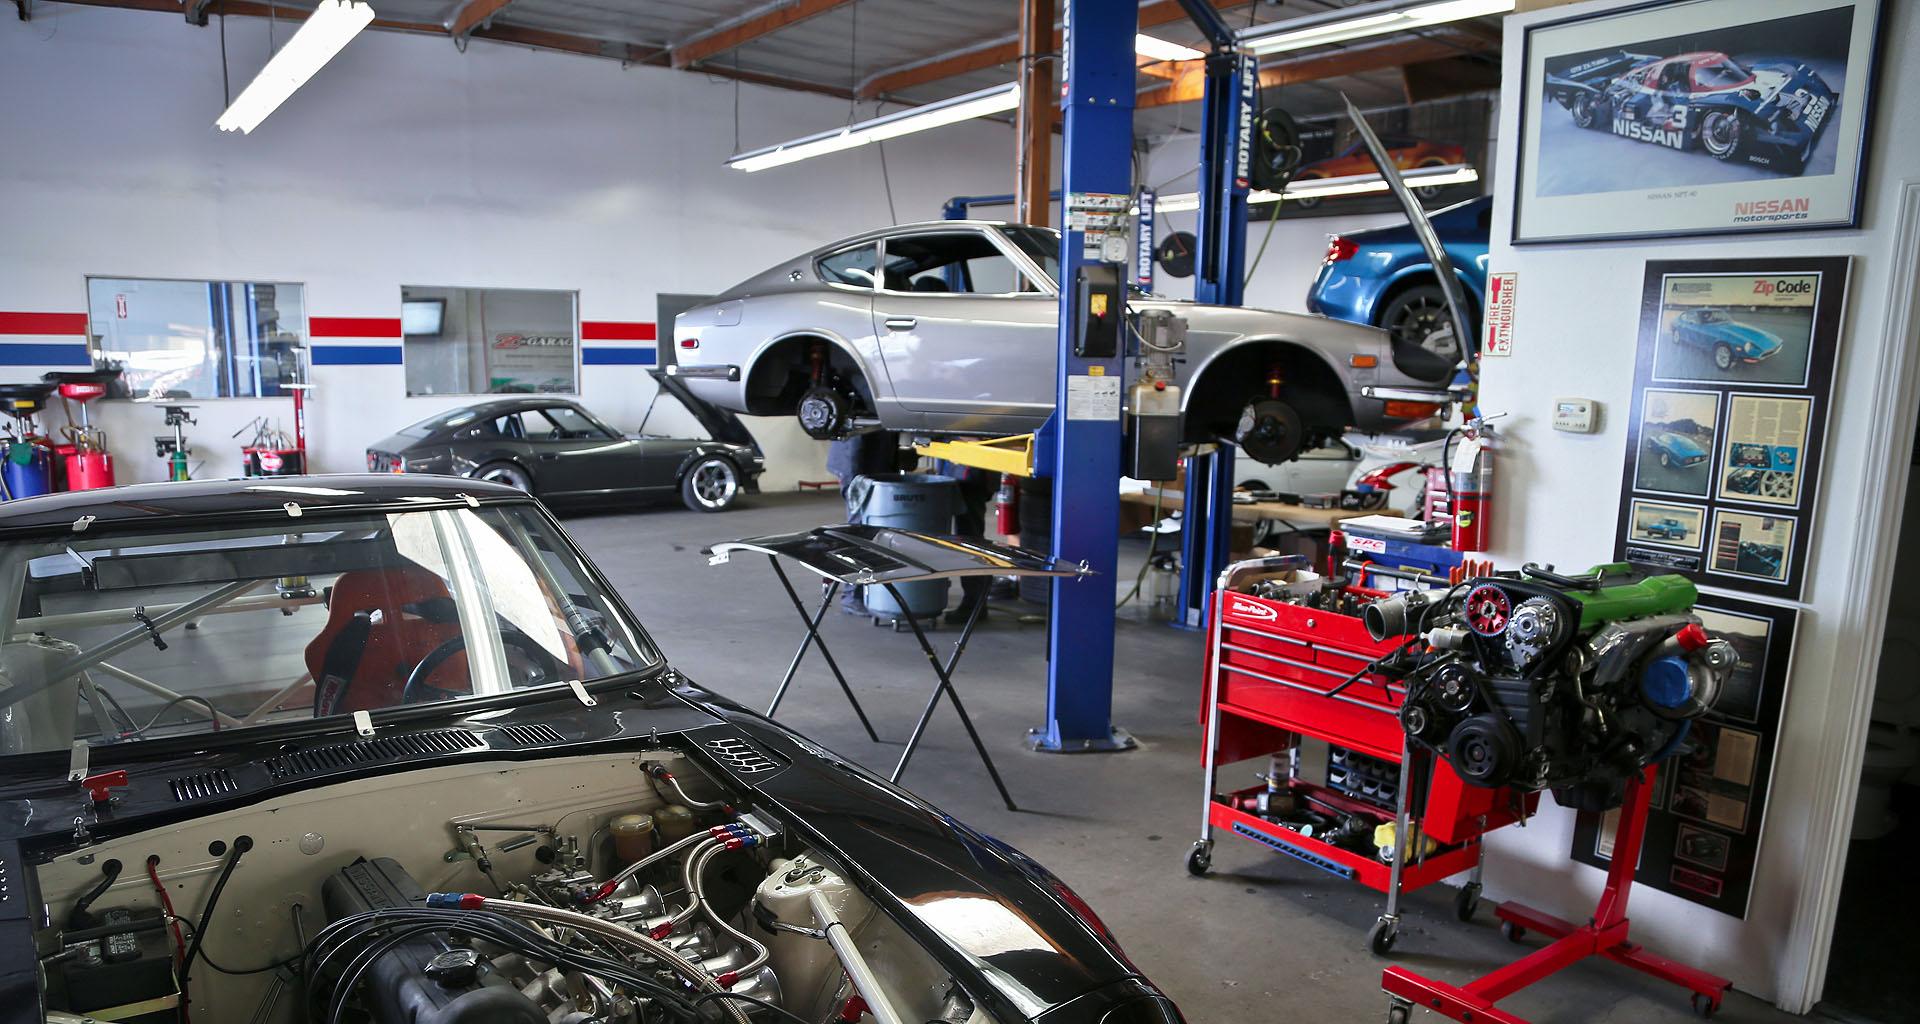 архитектурный фотографии ремонтных мастерских автомобилей должны находиться симметричном